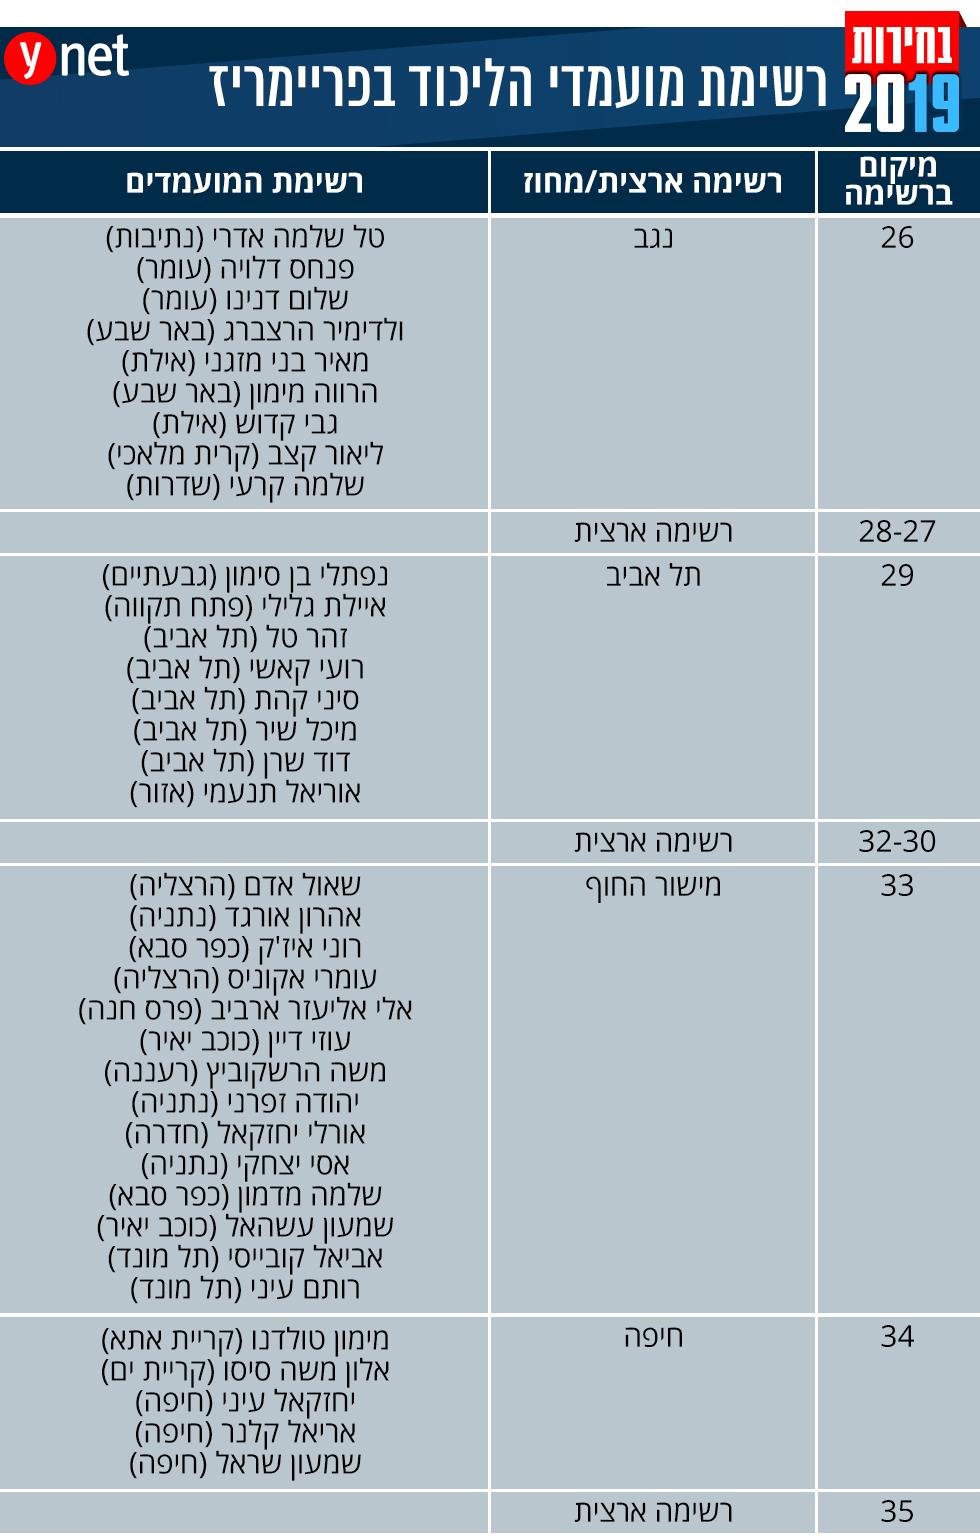 רשימת מועמדי הליכוד בפריימריז  ()